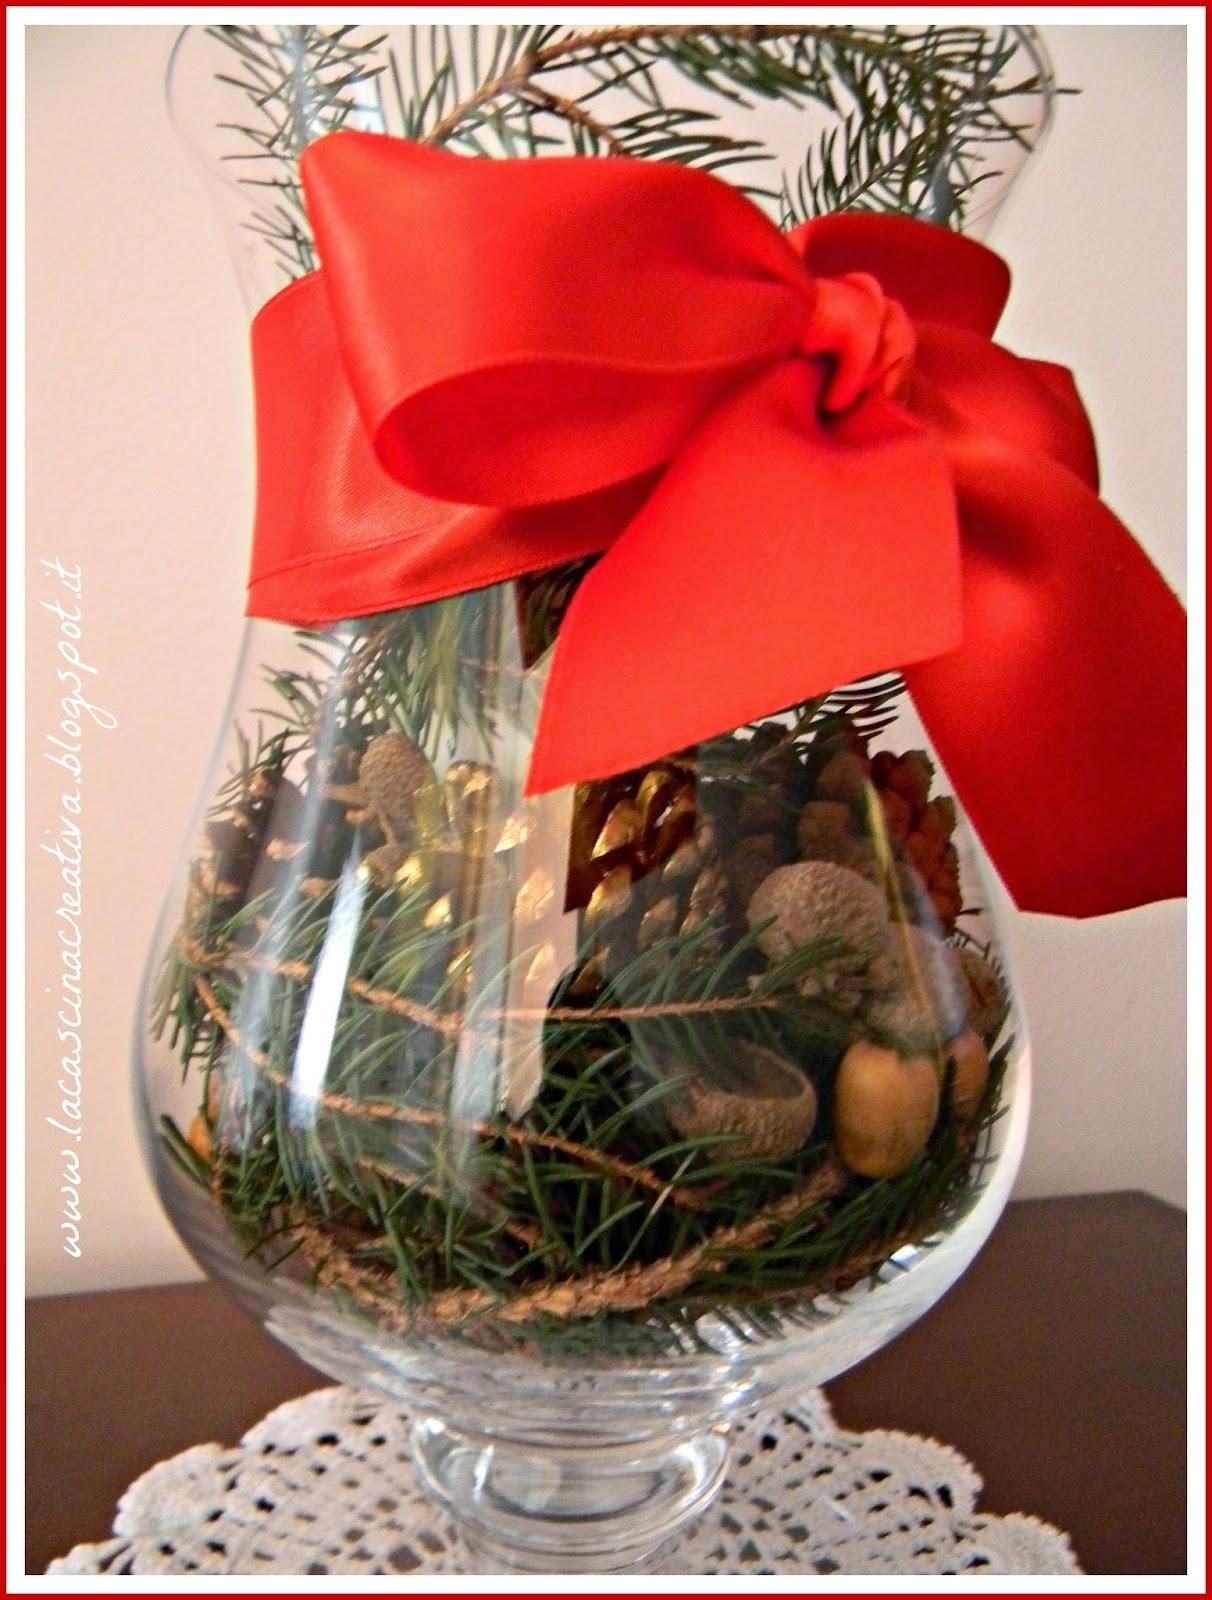 La cascina creativa il natale in un vaso di vetro for Composizioni natalizie in vasi di vetro